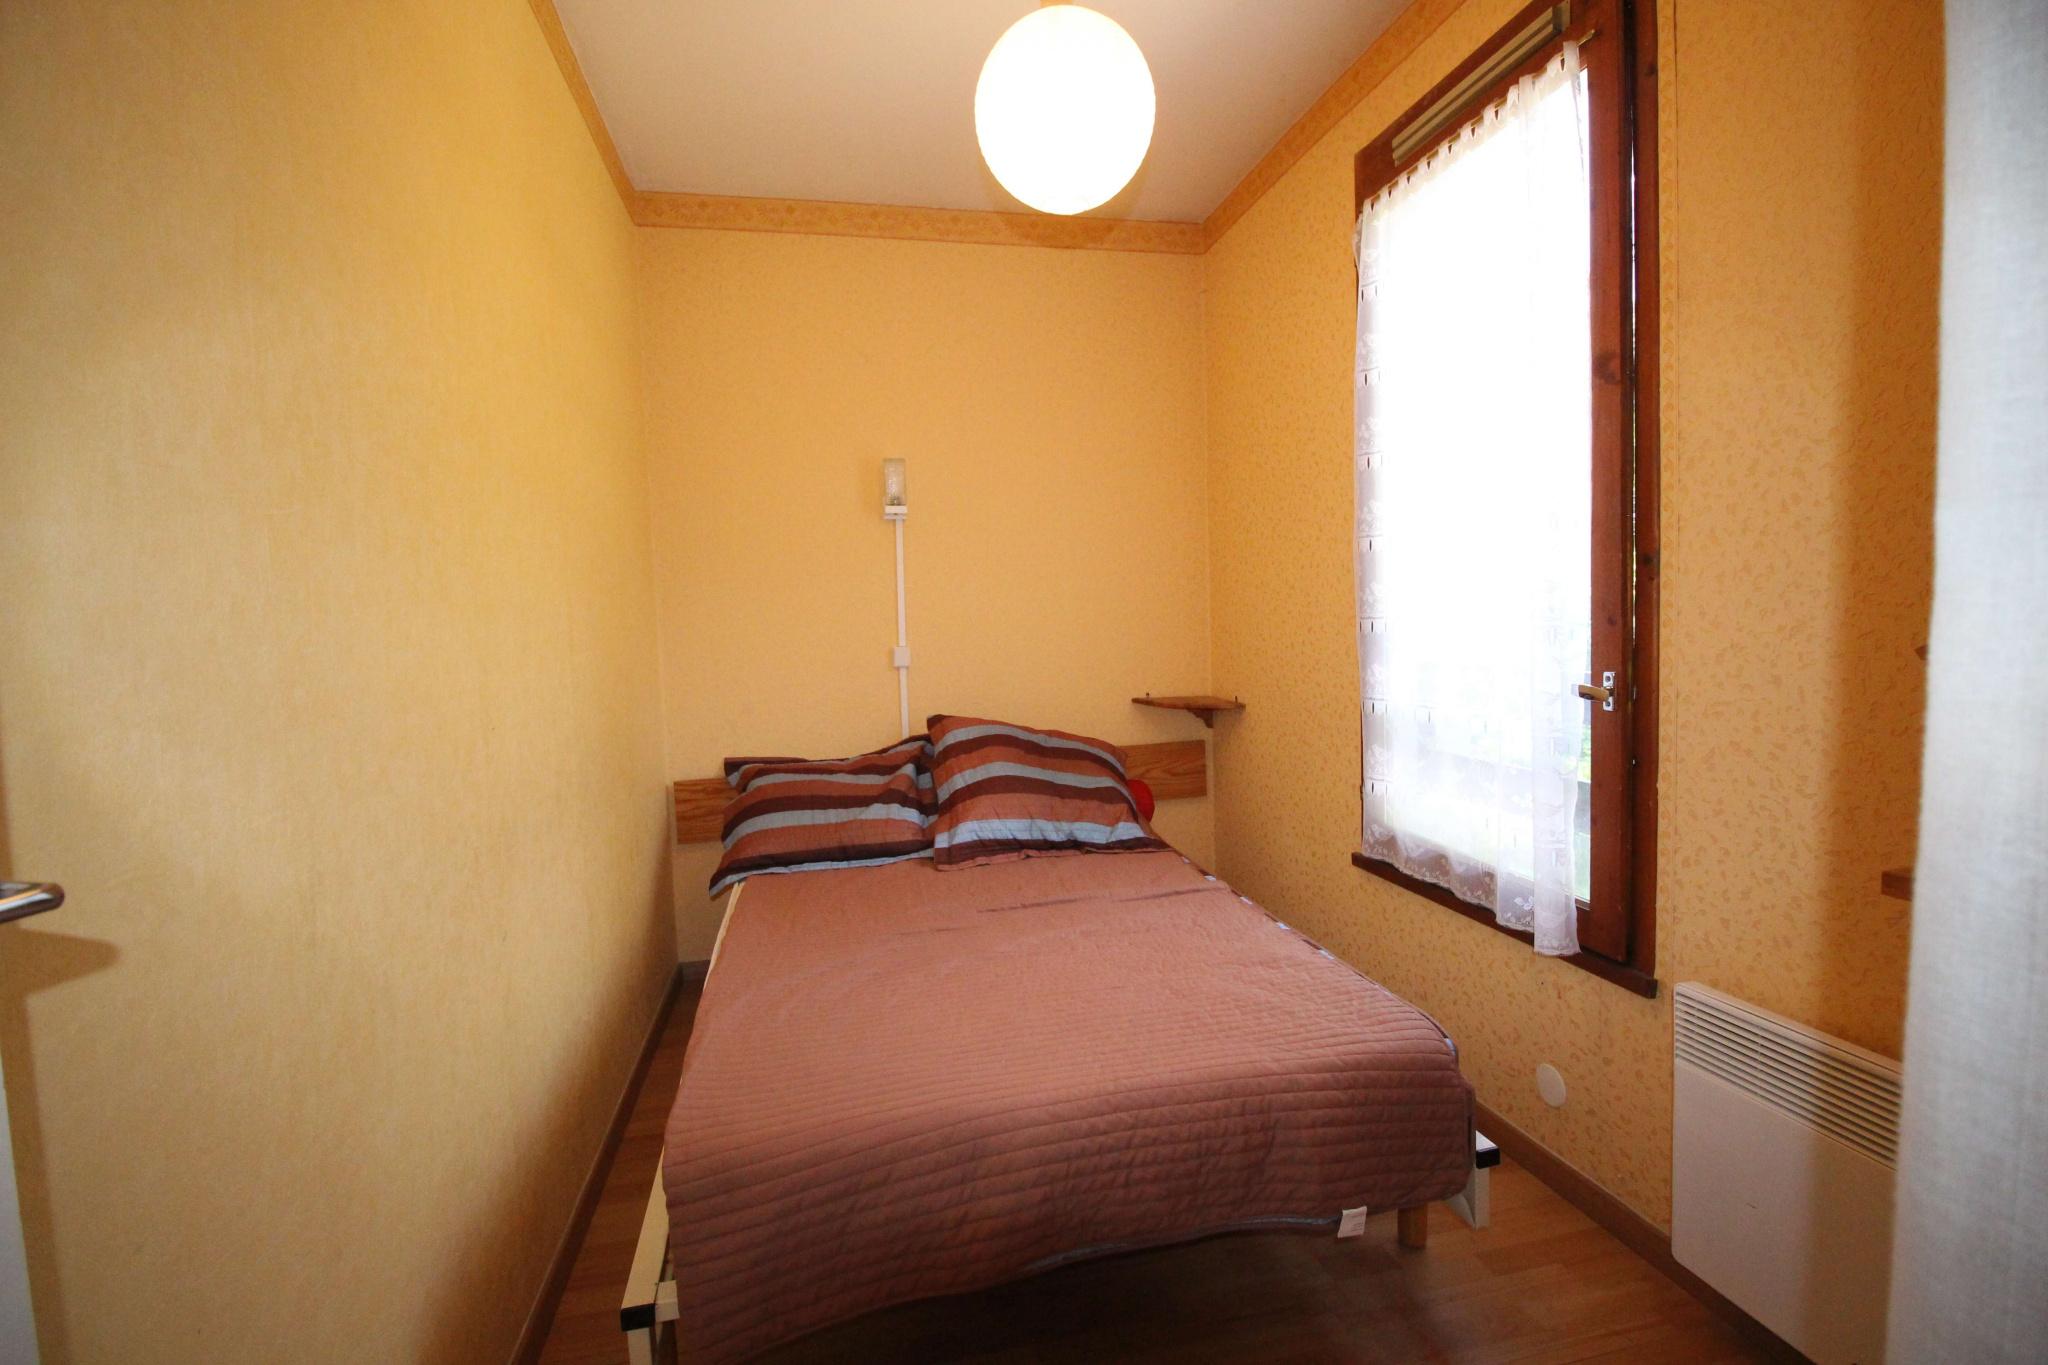 appartement 2 pièce(s) - Centre ville